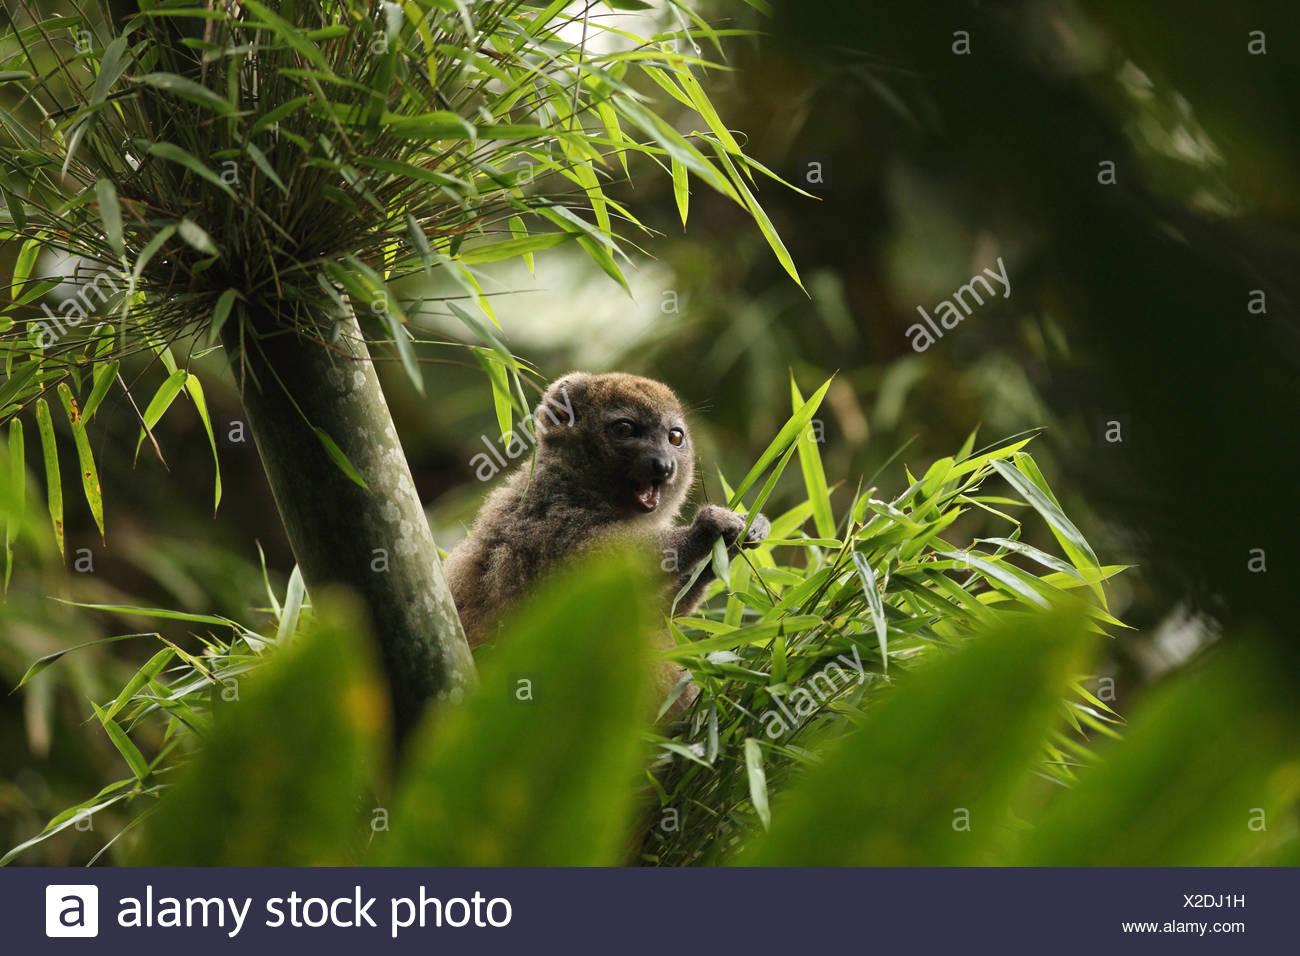 animal, mammal, lemur, Western gentle lemur, Sambirano lesser bamboo lemur, Western lesser bamboo lemur, Western grey bamboo lem - Stock Image